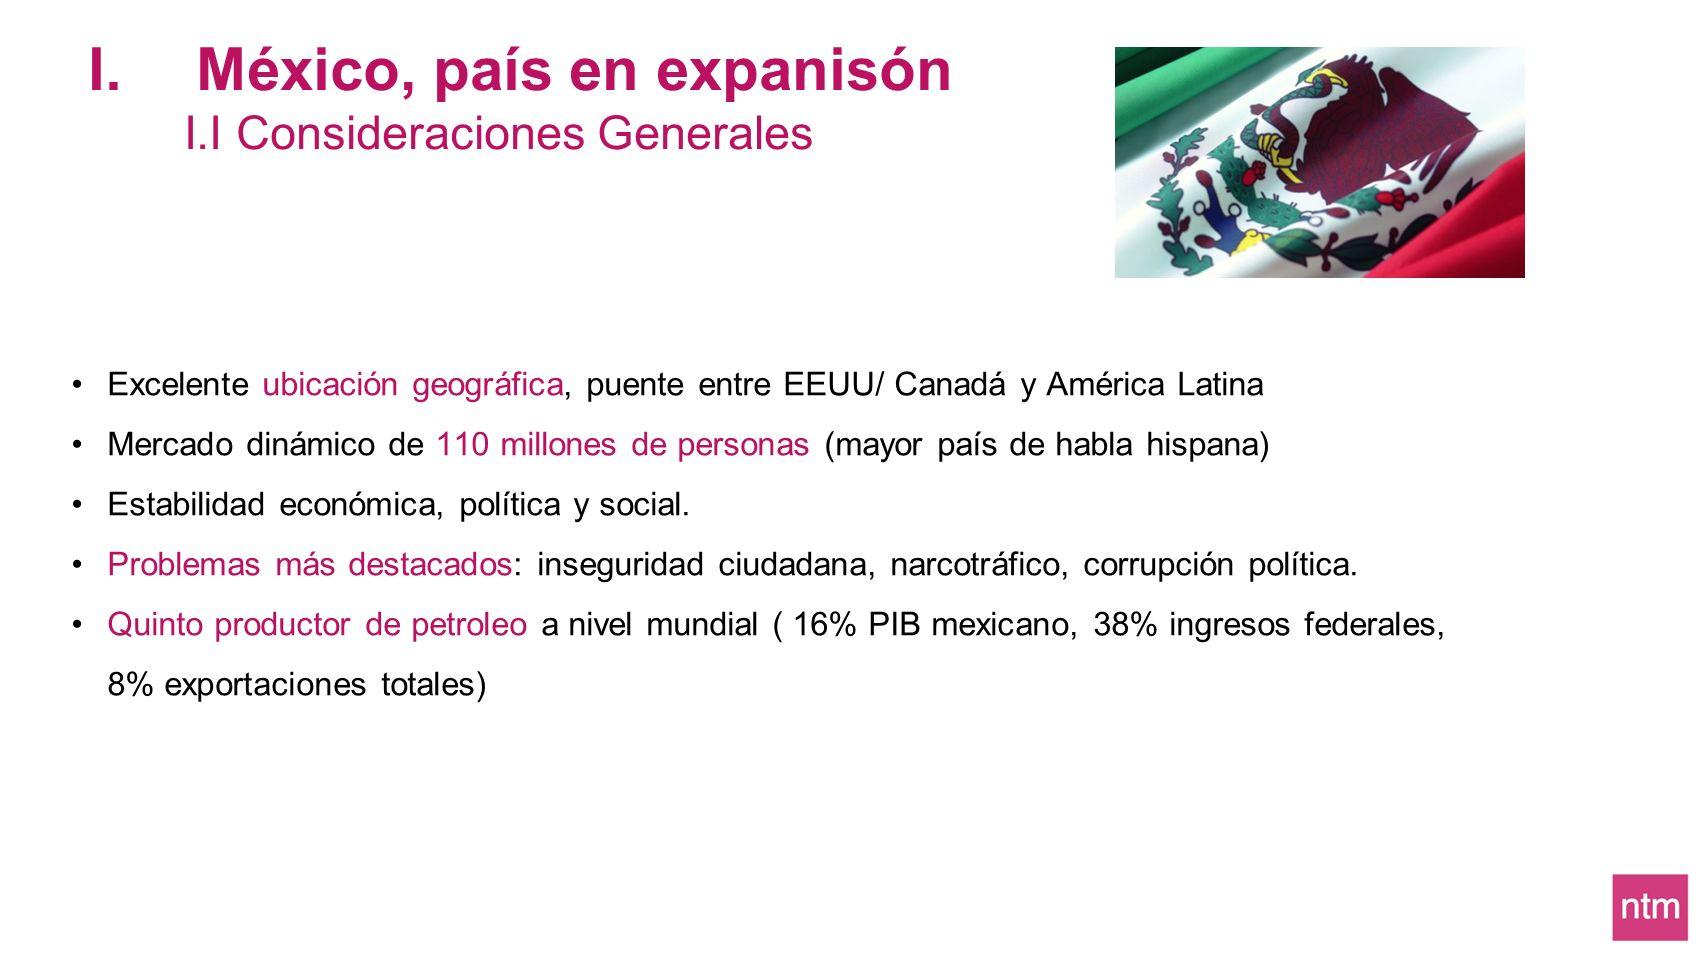 Excelente ubicación geográfica, puente entre EEUU/ Canadá y América Latina Mercado dinámico de 110 millones de personas (mayor país de habla hispana)